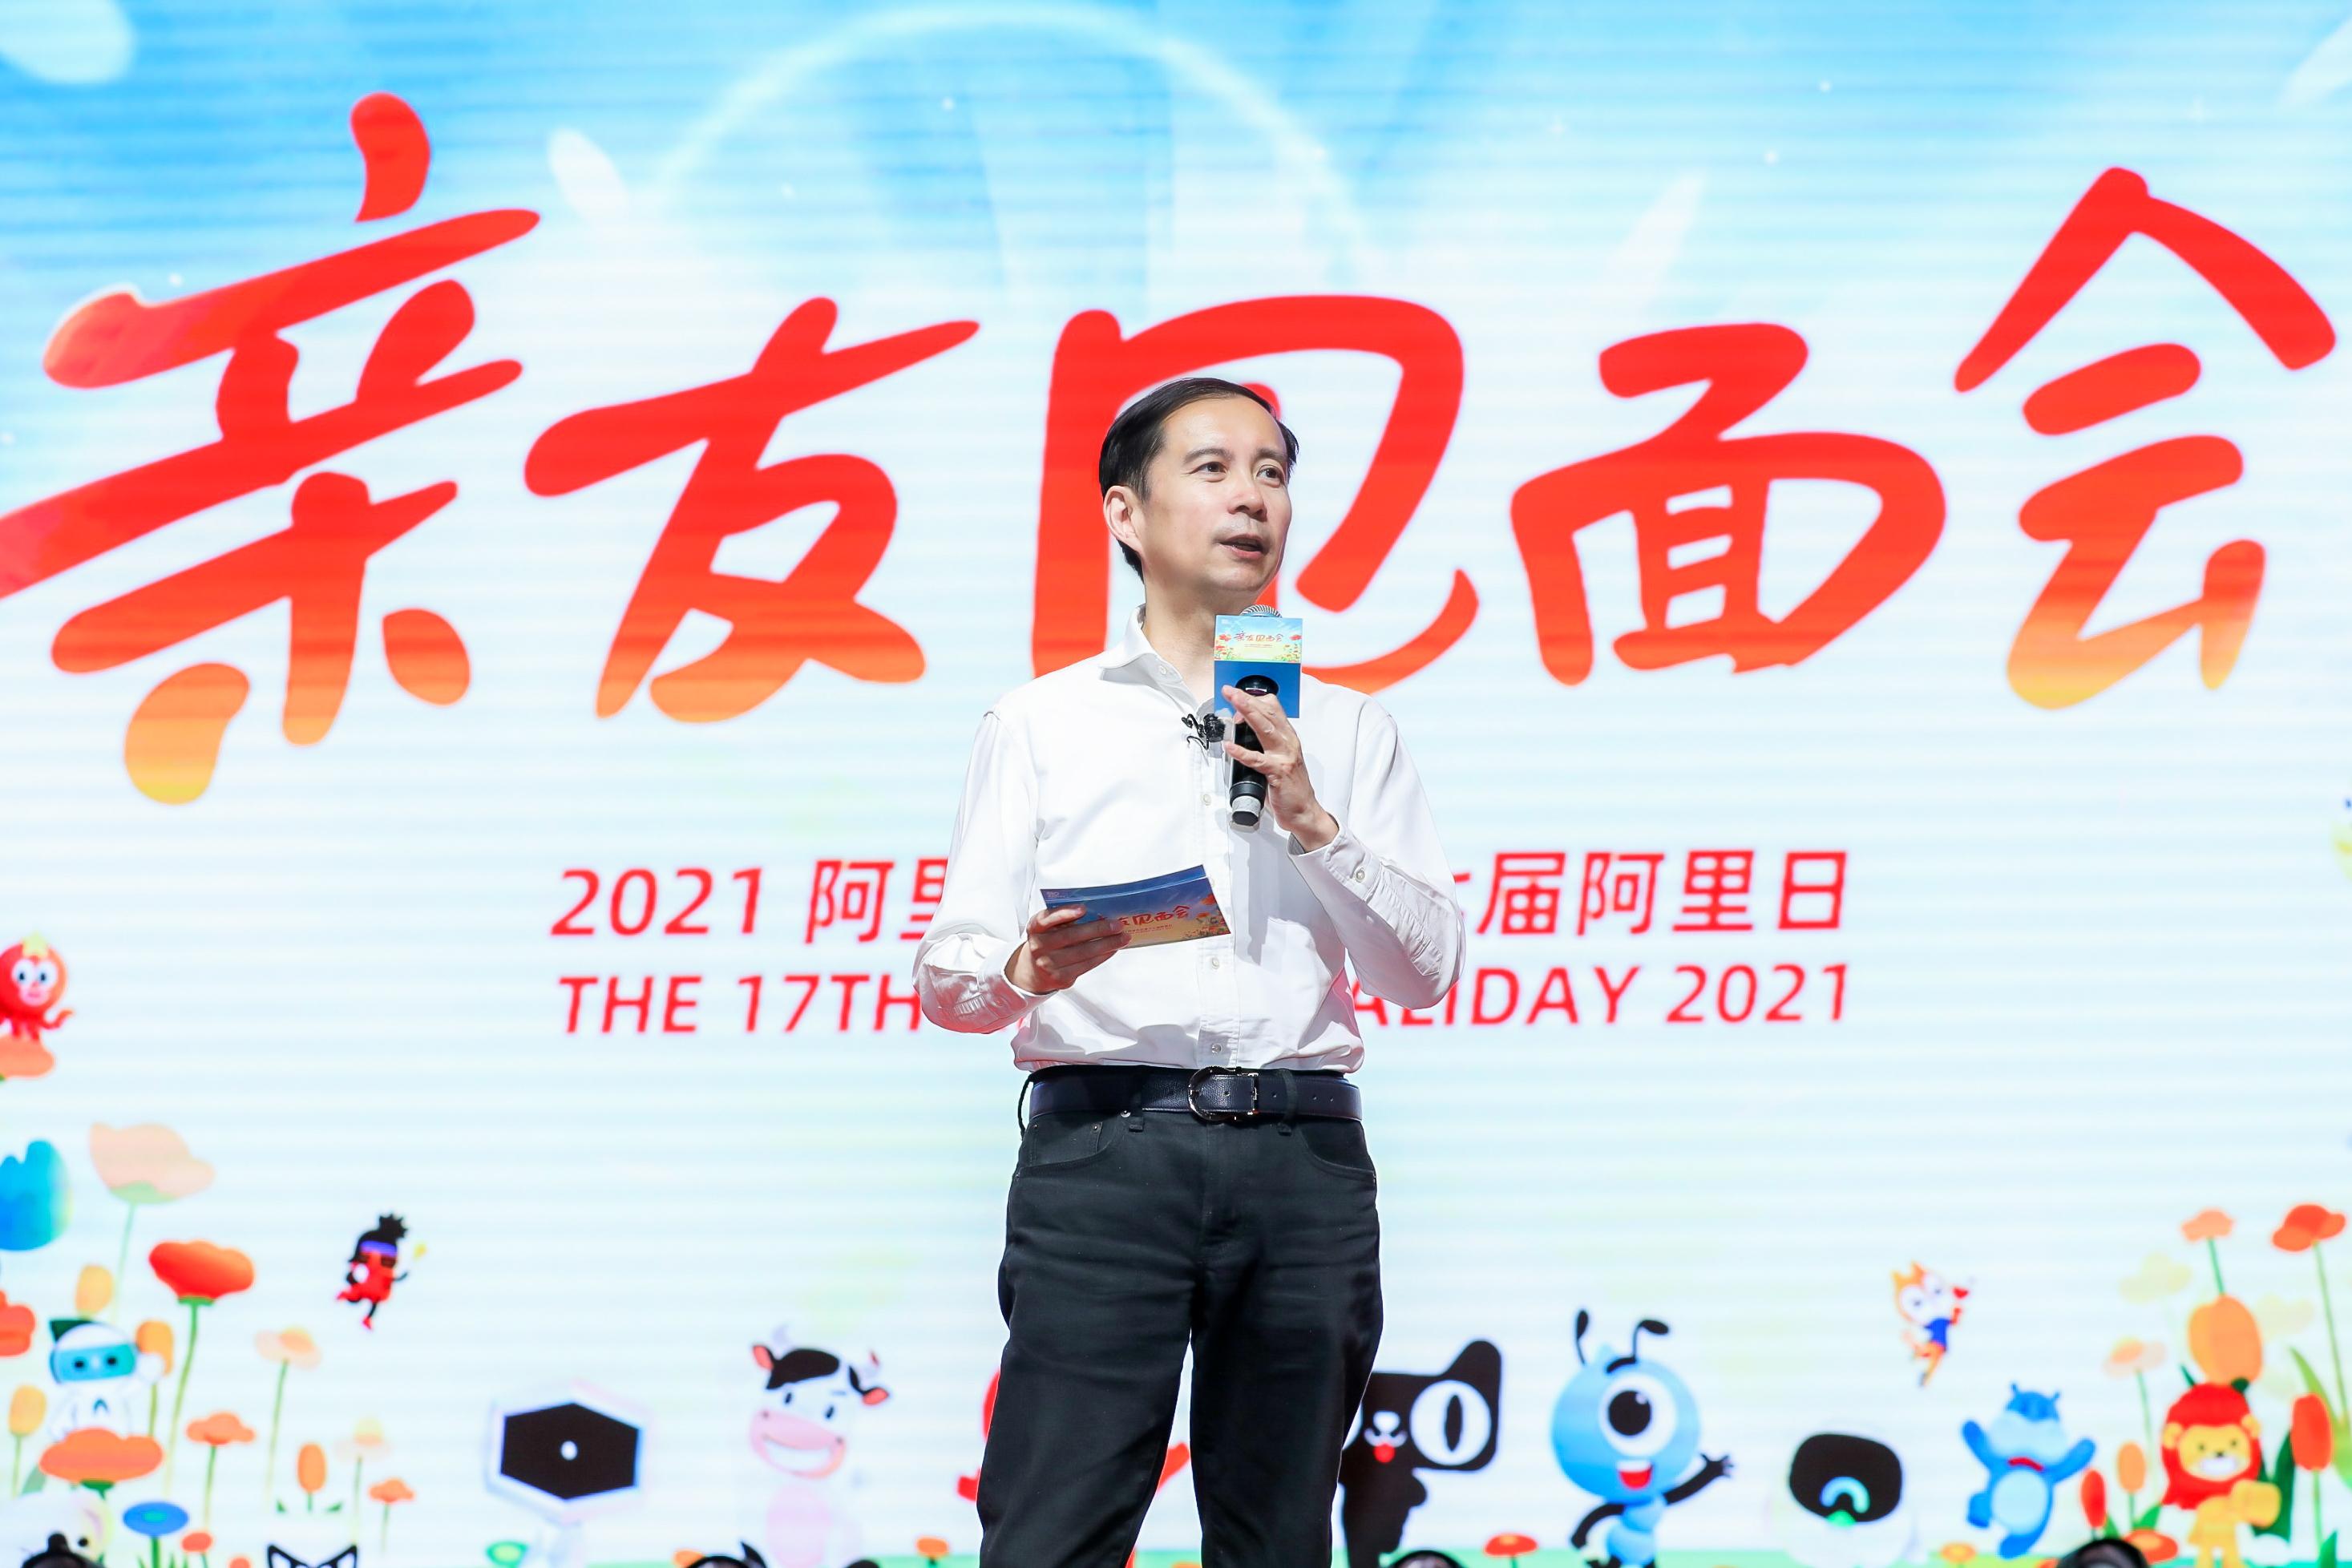 Daniel Zhang on AliDay 2021